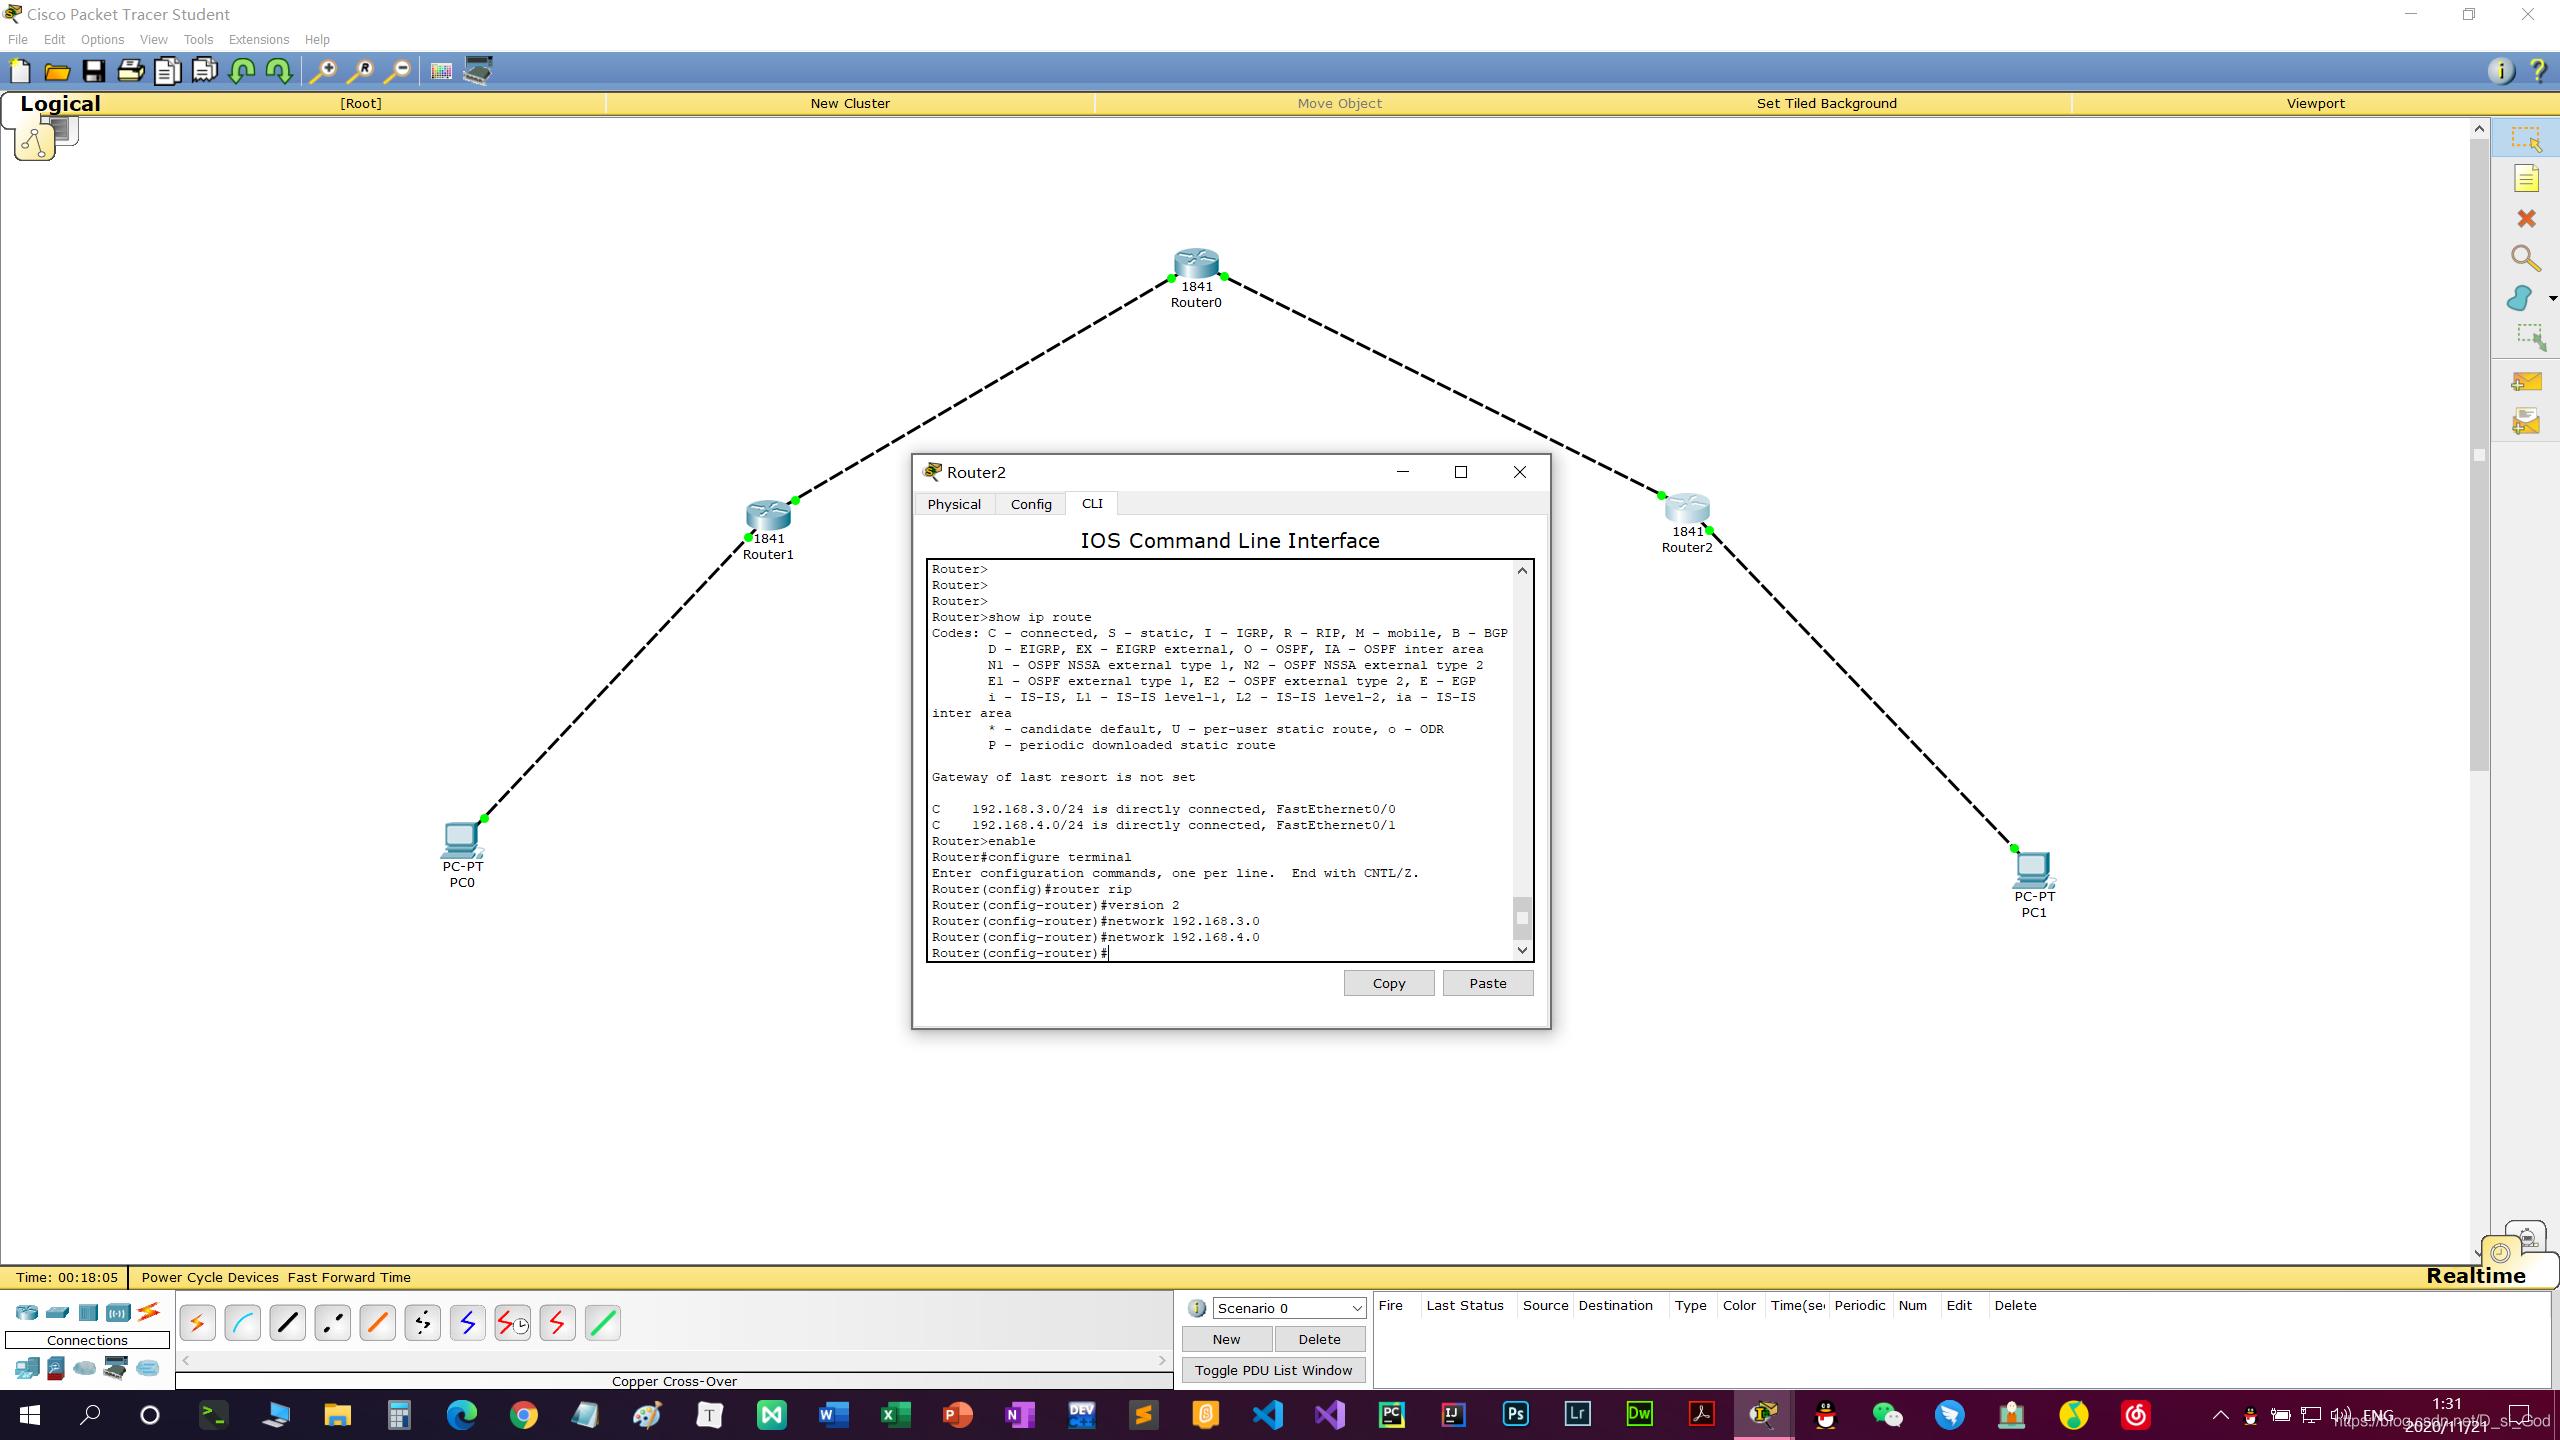 Cisco思科模拟器路由器各个端口IP地址的配置及路由协议RIP的配置 入门详解 - 精简归纳